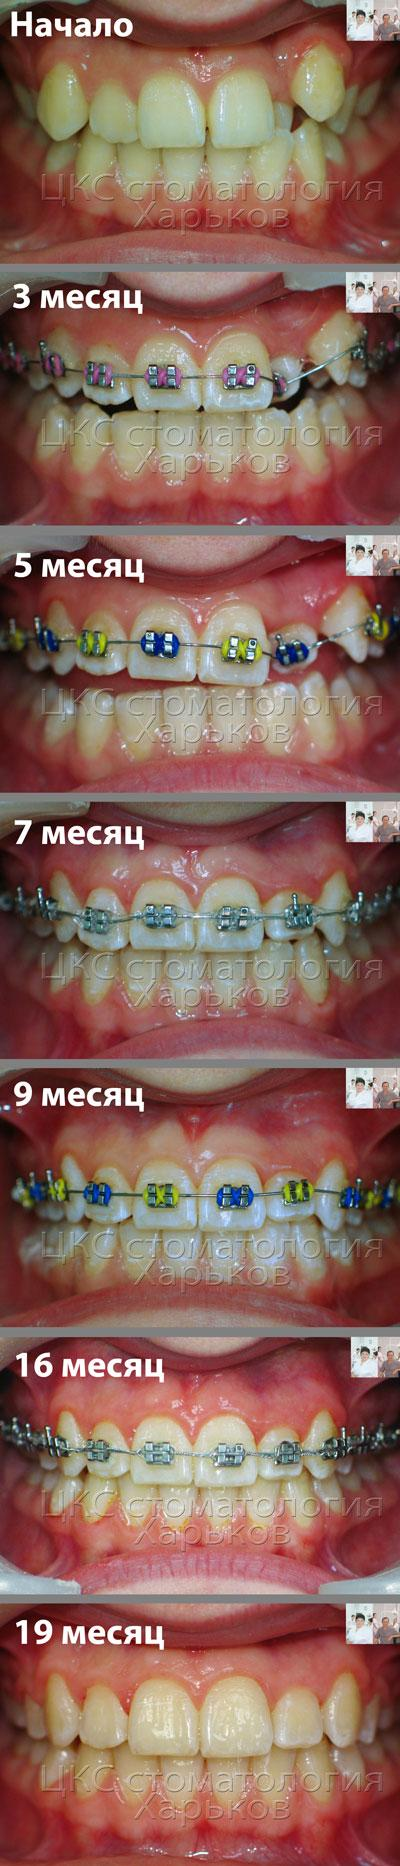 Семь фото на этапах лечения брекетами